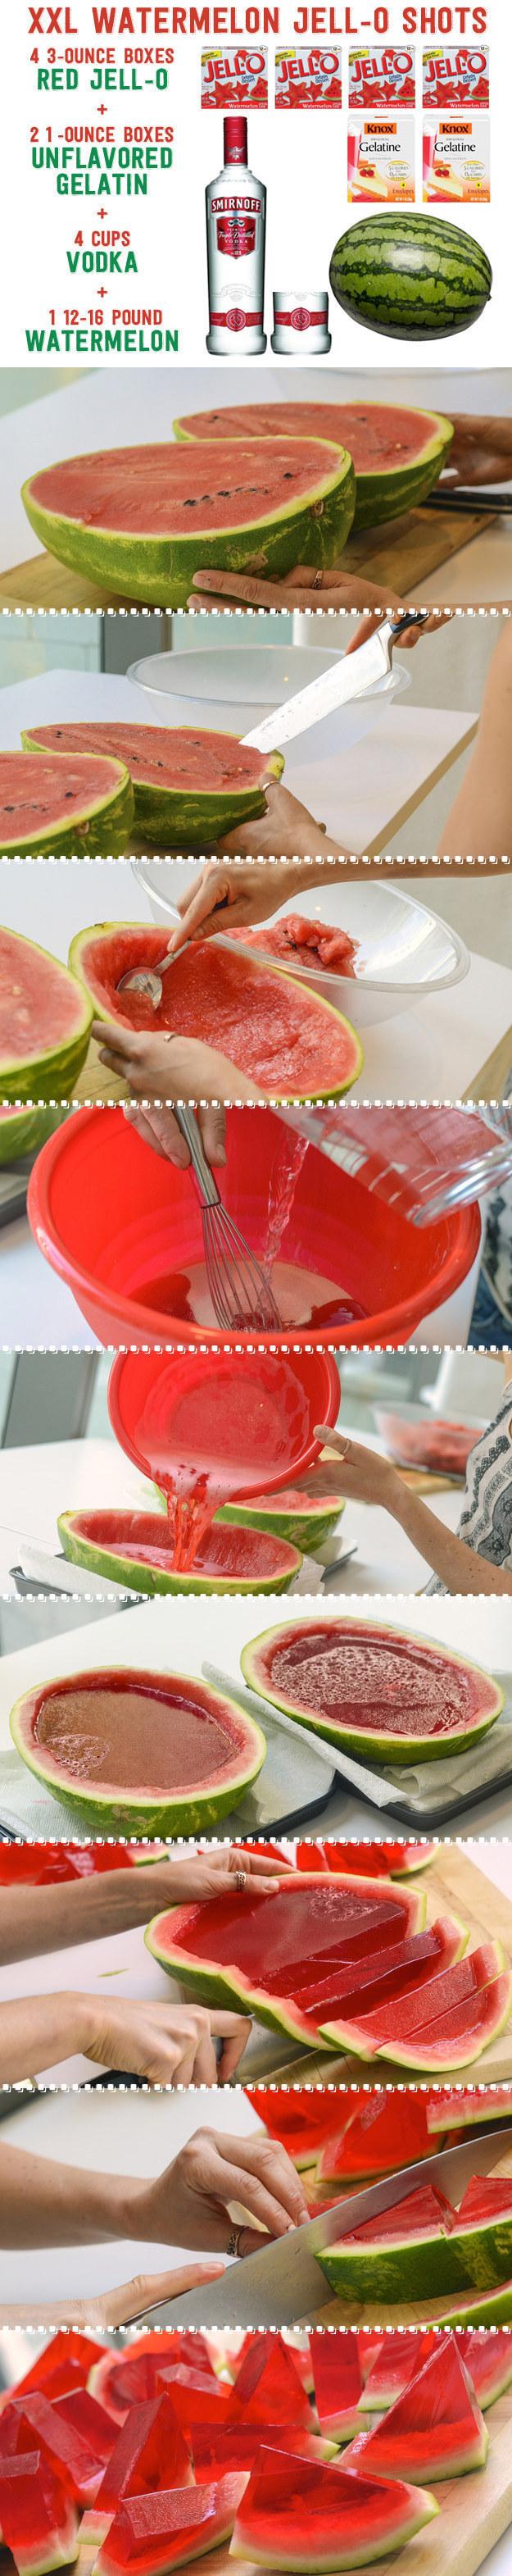 easy jello shot recipes watermelon